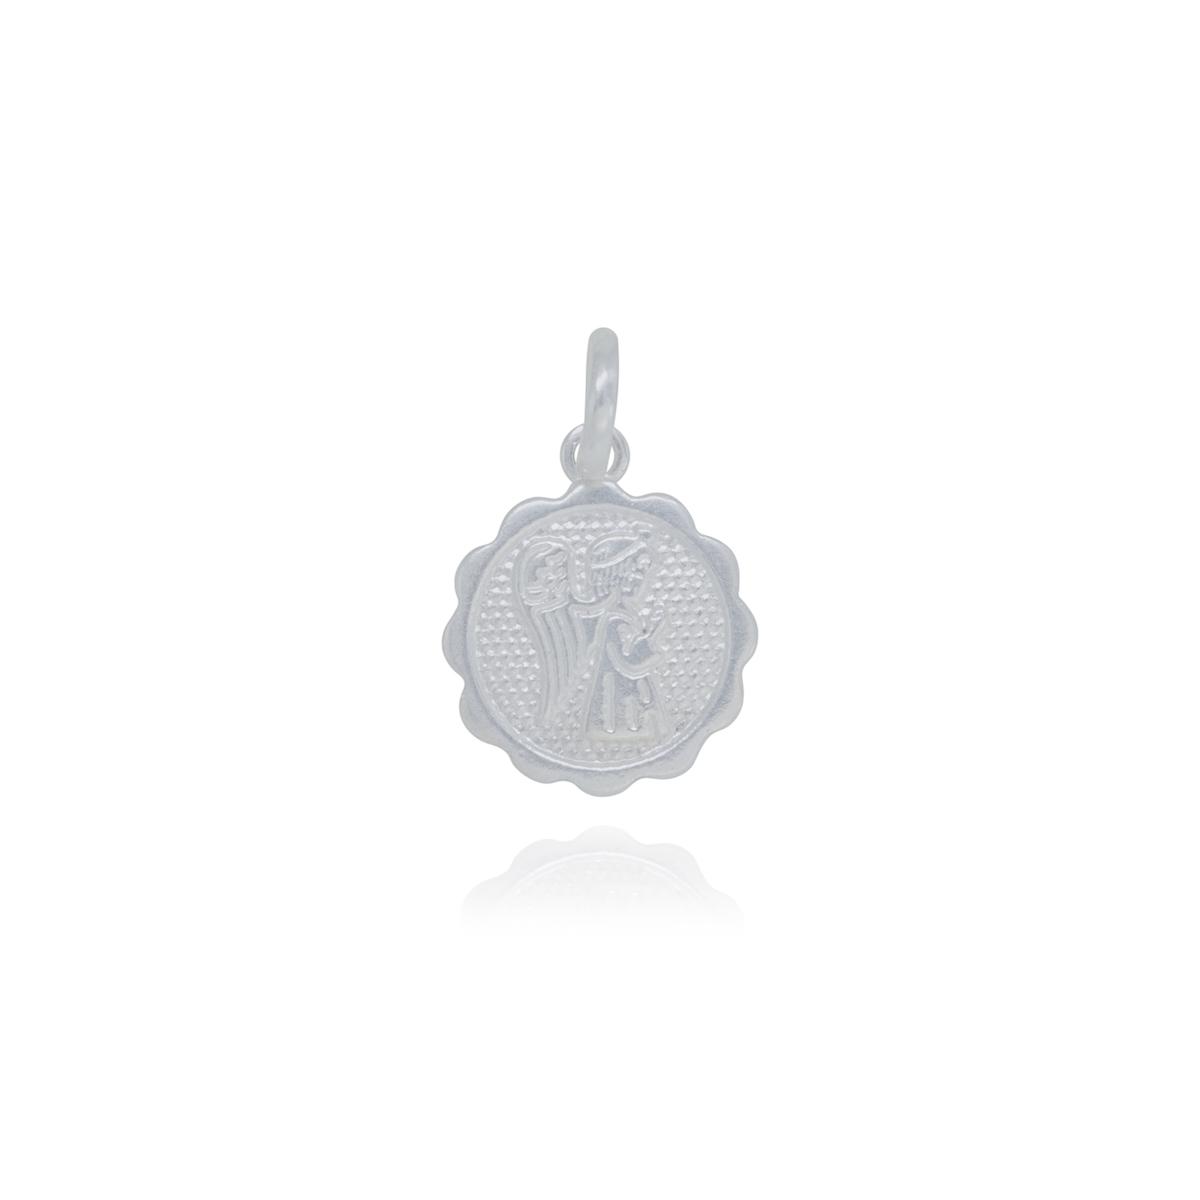 Pingente joia prata de lei 925 pura Anjinho hipoalergênica